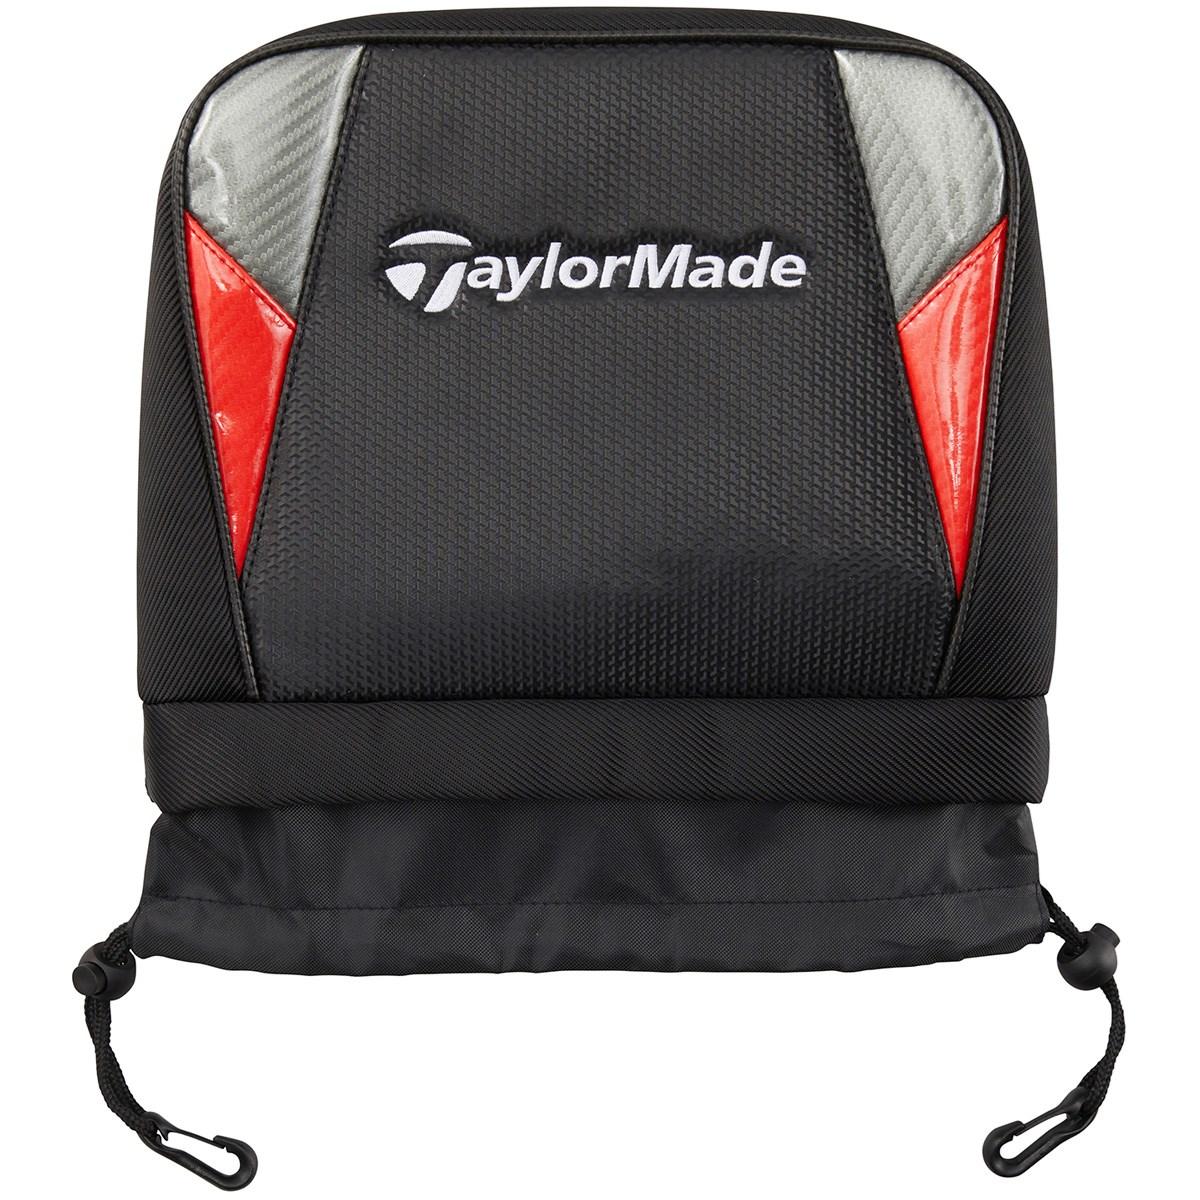 テーラーメイド(Taylor Made) G-7 アイアンカバー